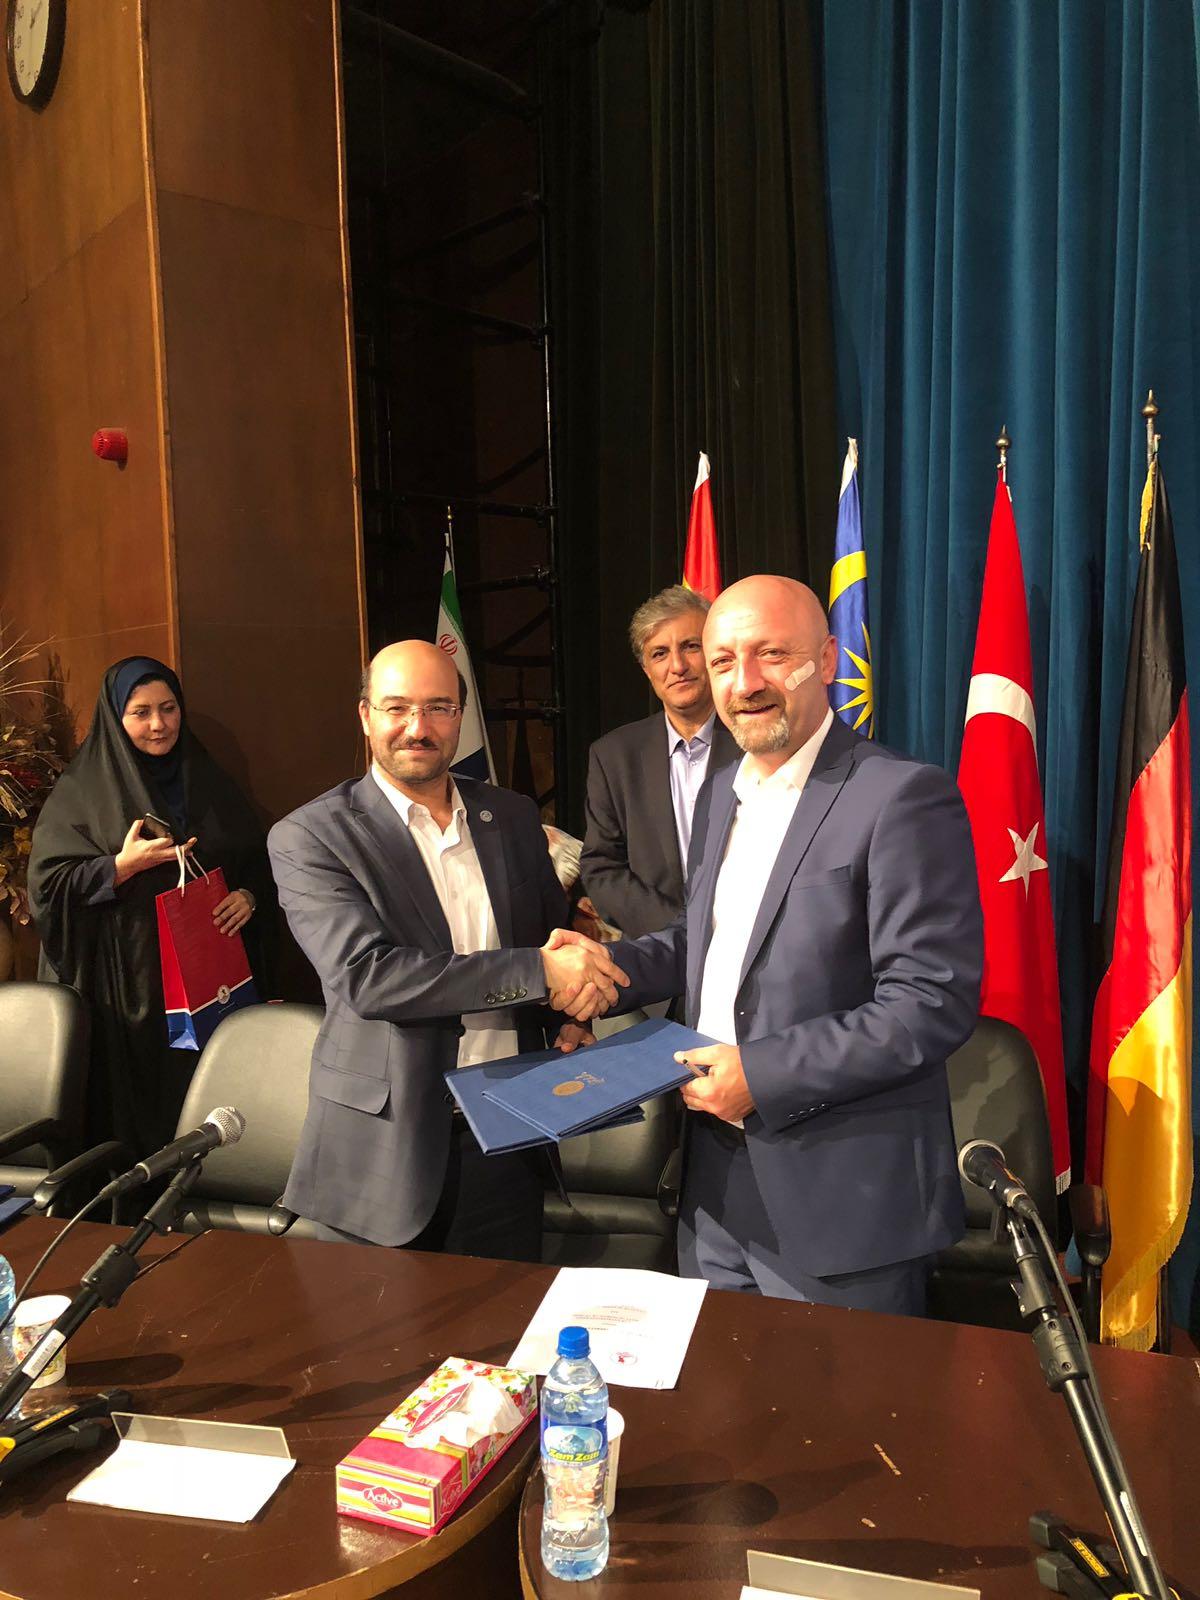 http://www.omu.edu.tr/sites/default/files/files/omu_ile_tahran_universitesi_is_birligi_yapacak/8_omu_iran_ziyaret_isletme_fak.jpeg